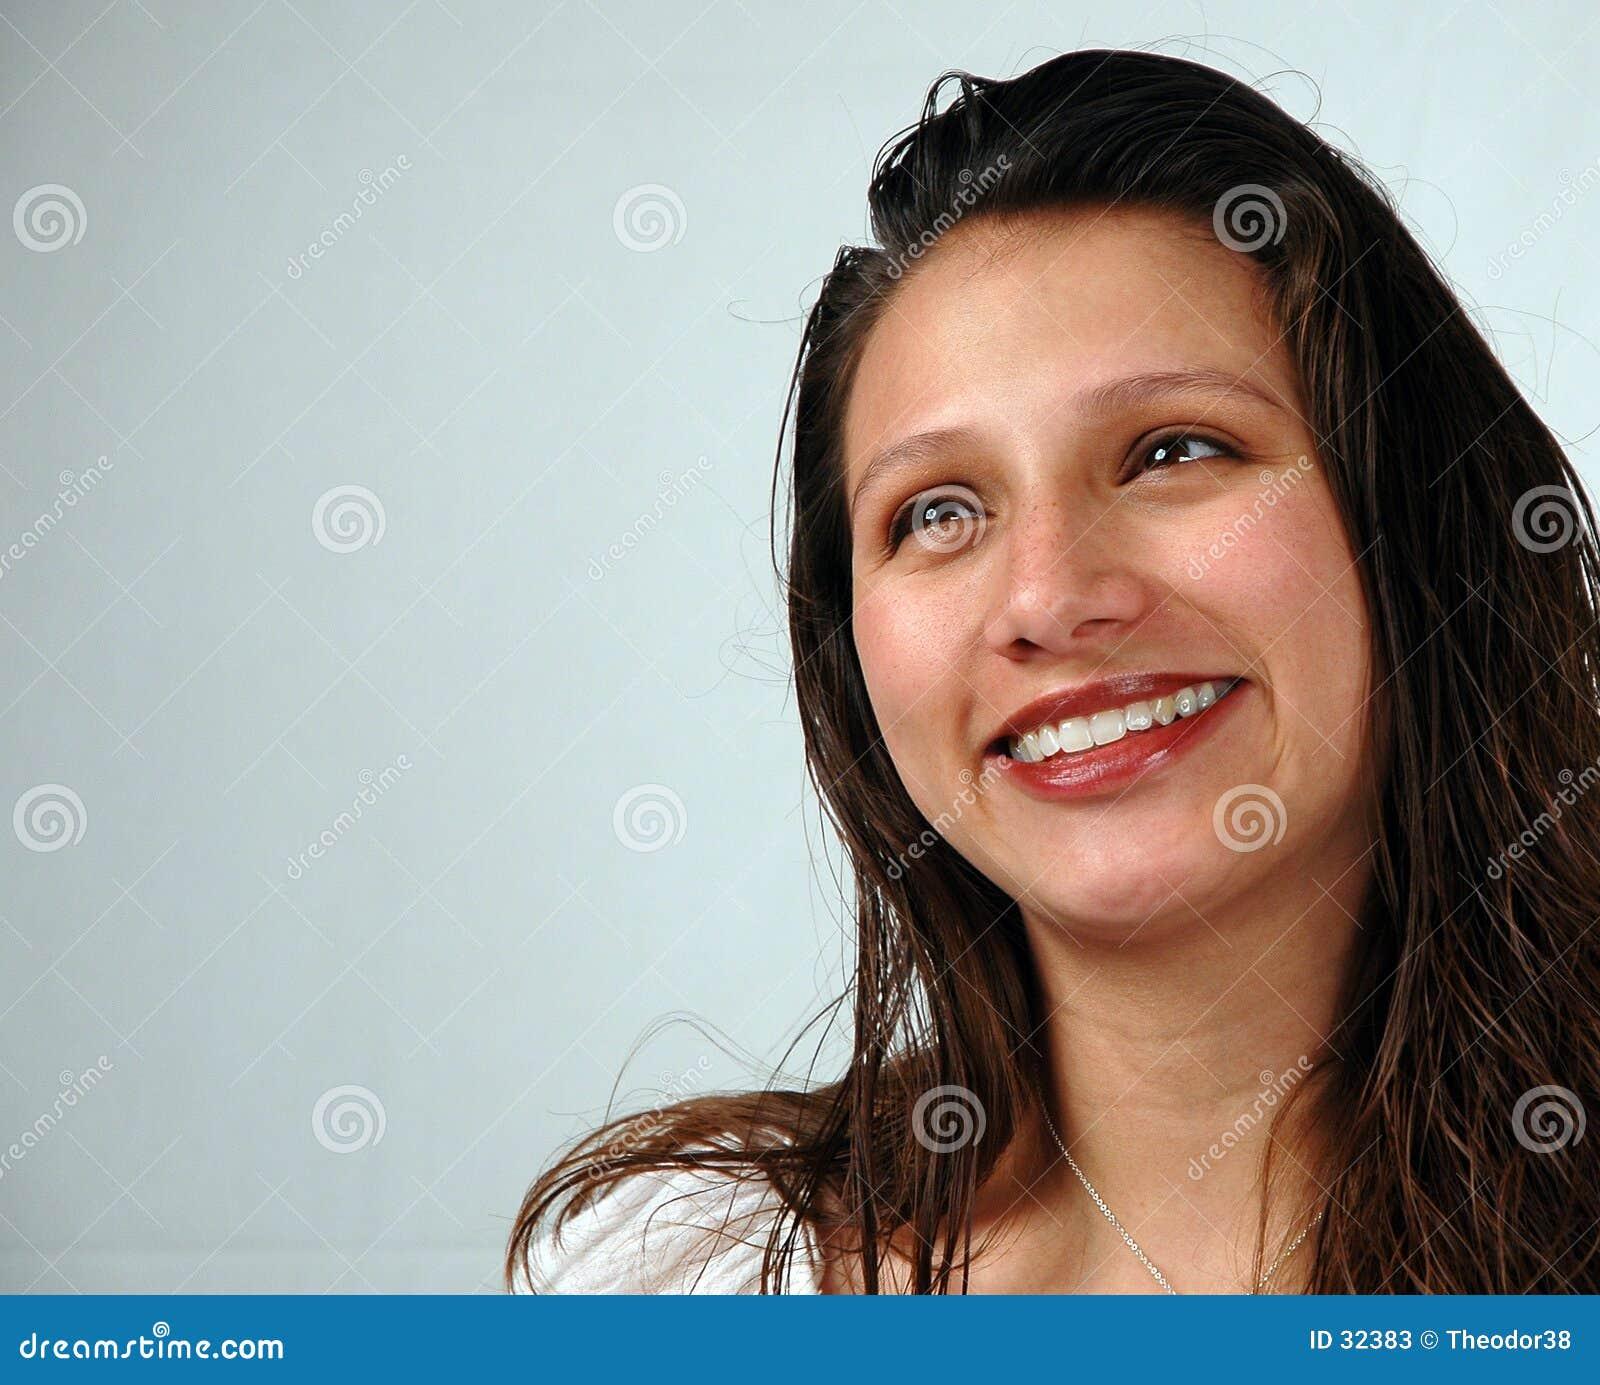 Download Retrato de la mujer imagen de archivo. Imagen de muchacha - 32383